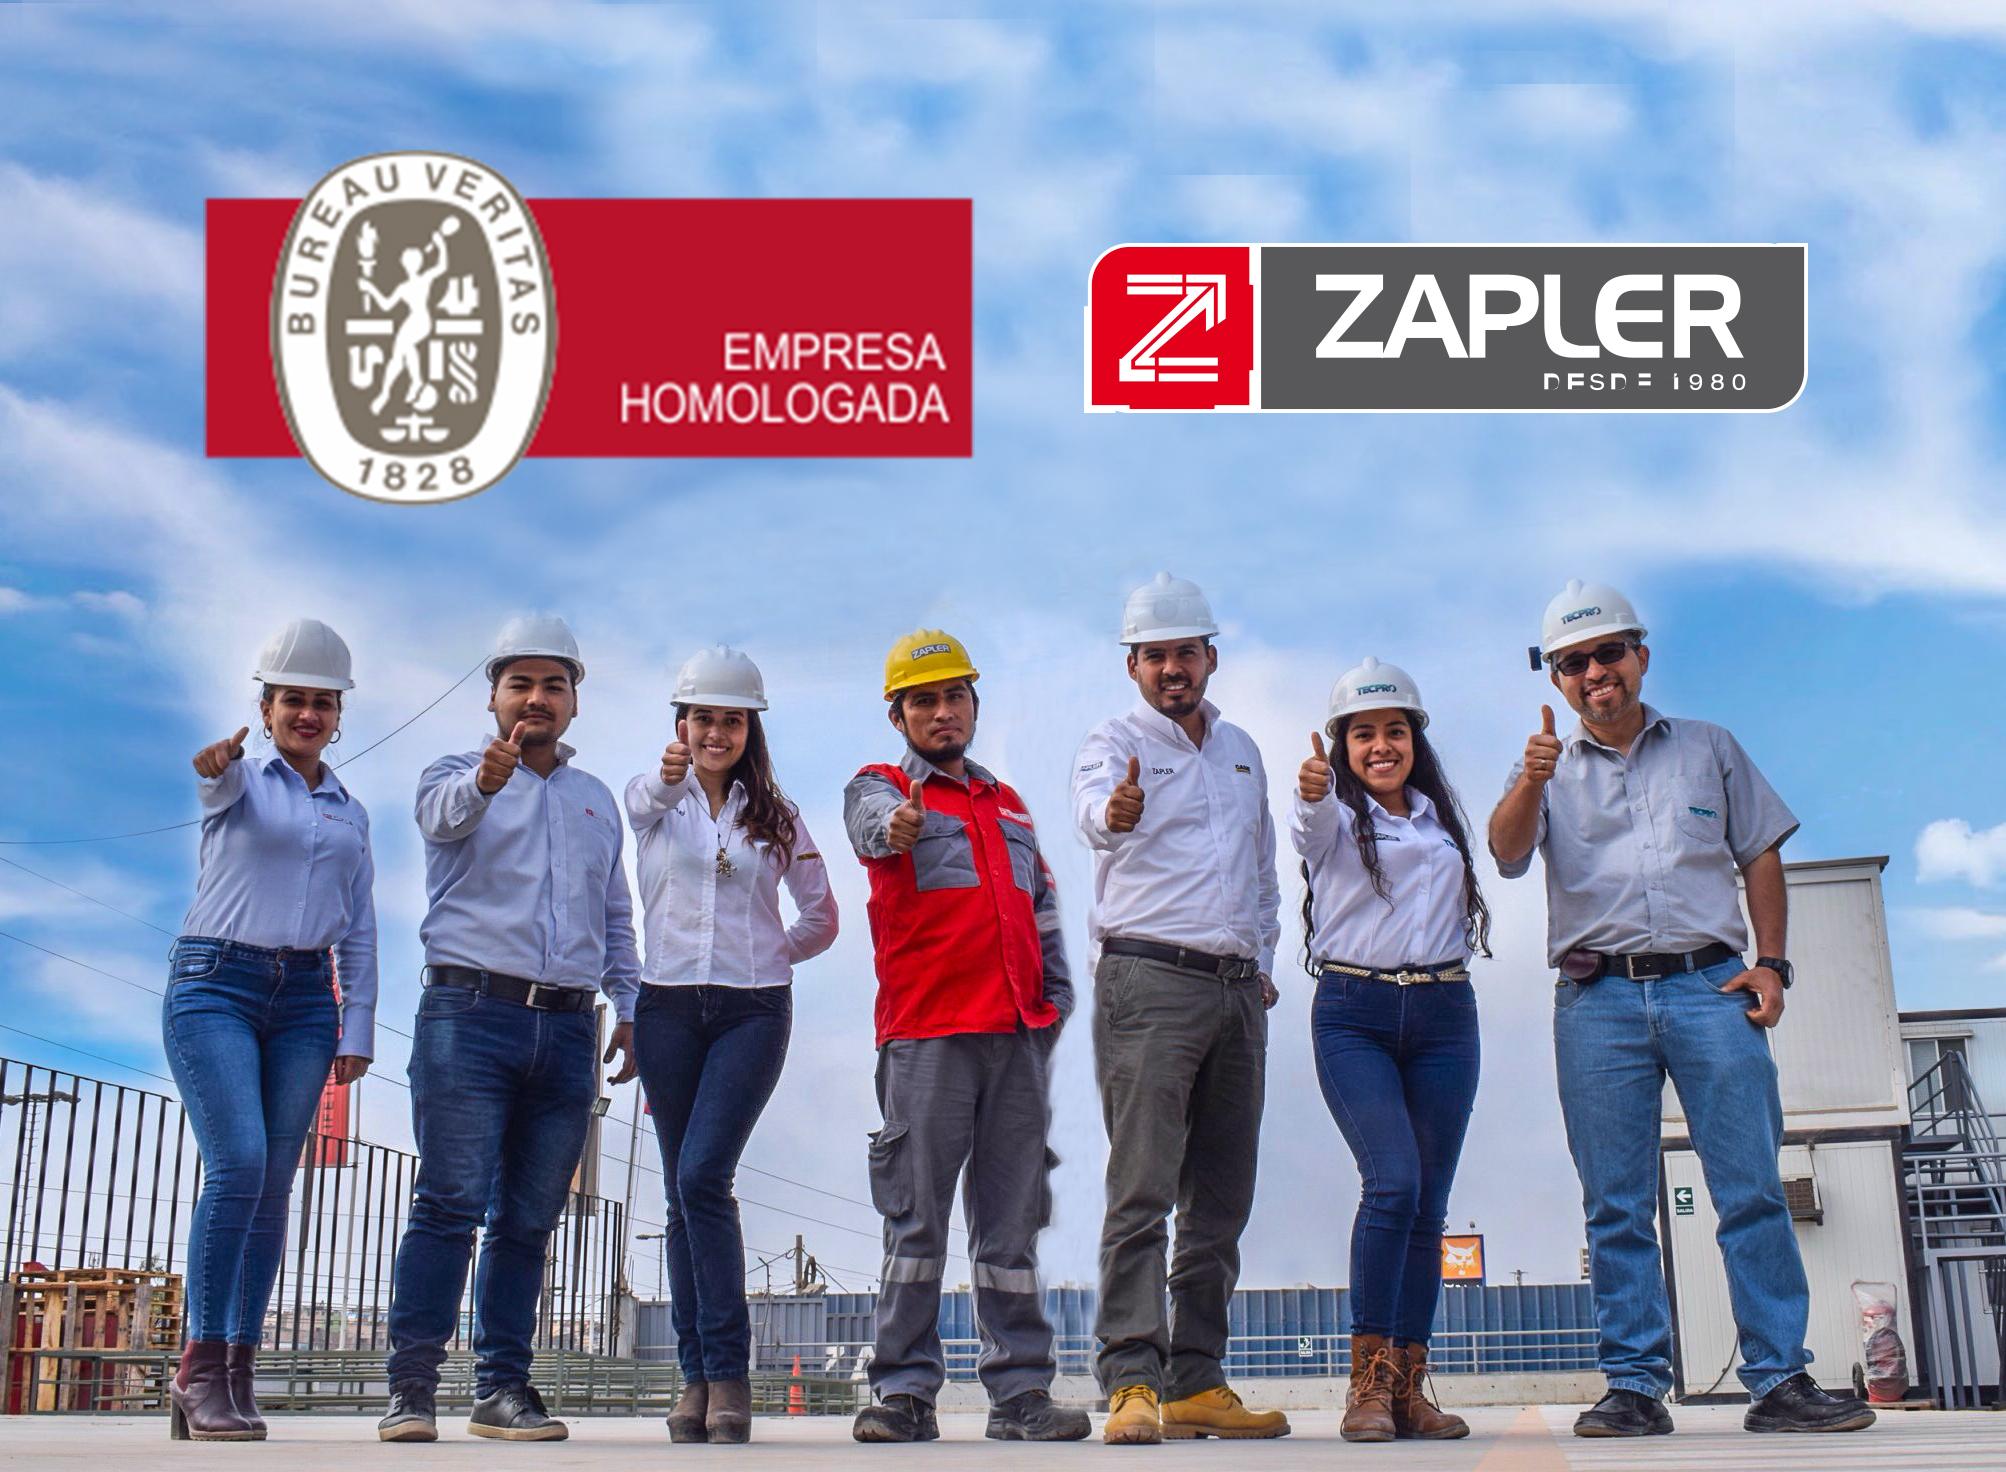 ZAPLER obtiene la homologación nivel A de Bureau Veritas